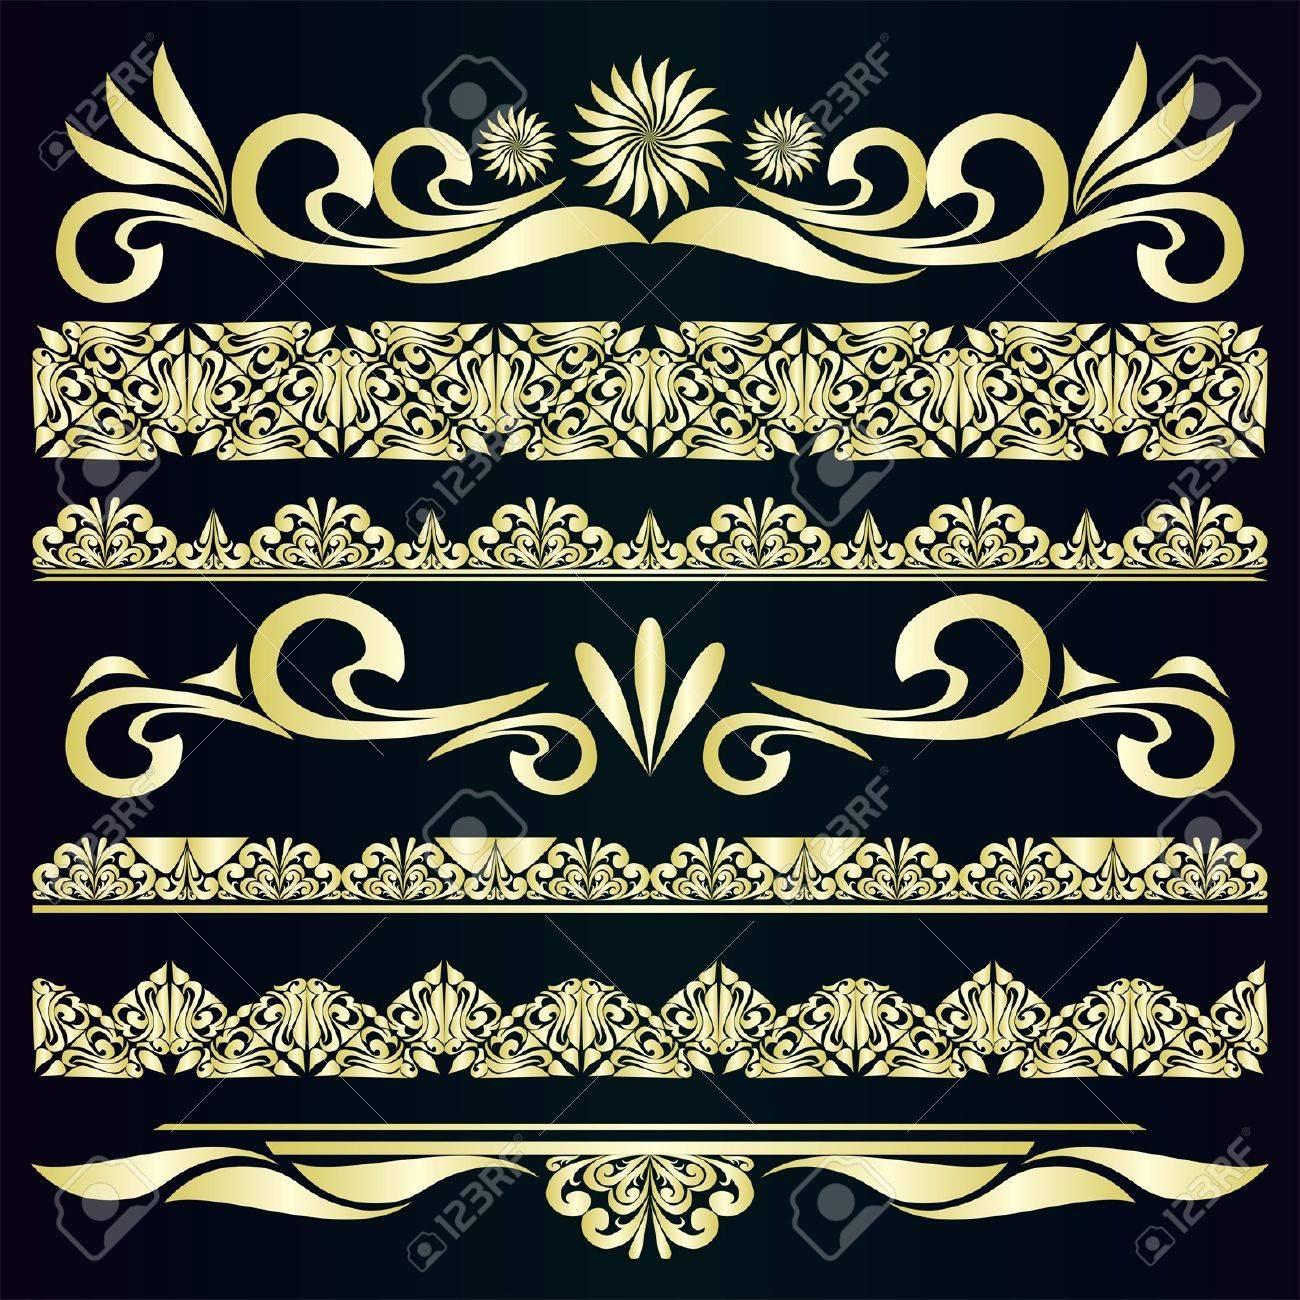 Golden vintage borders design elements - 16133523